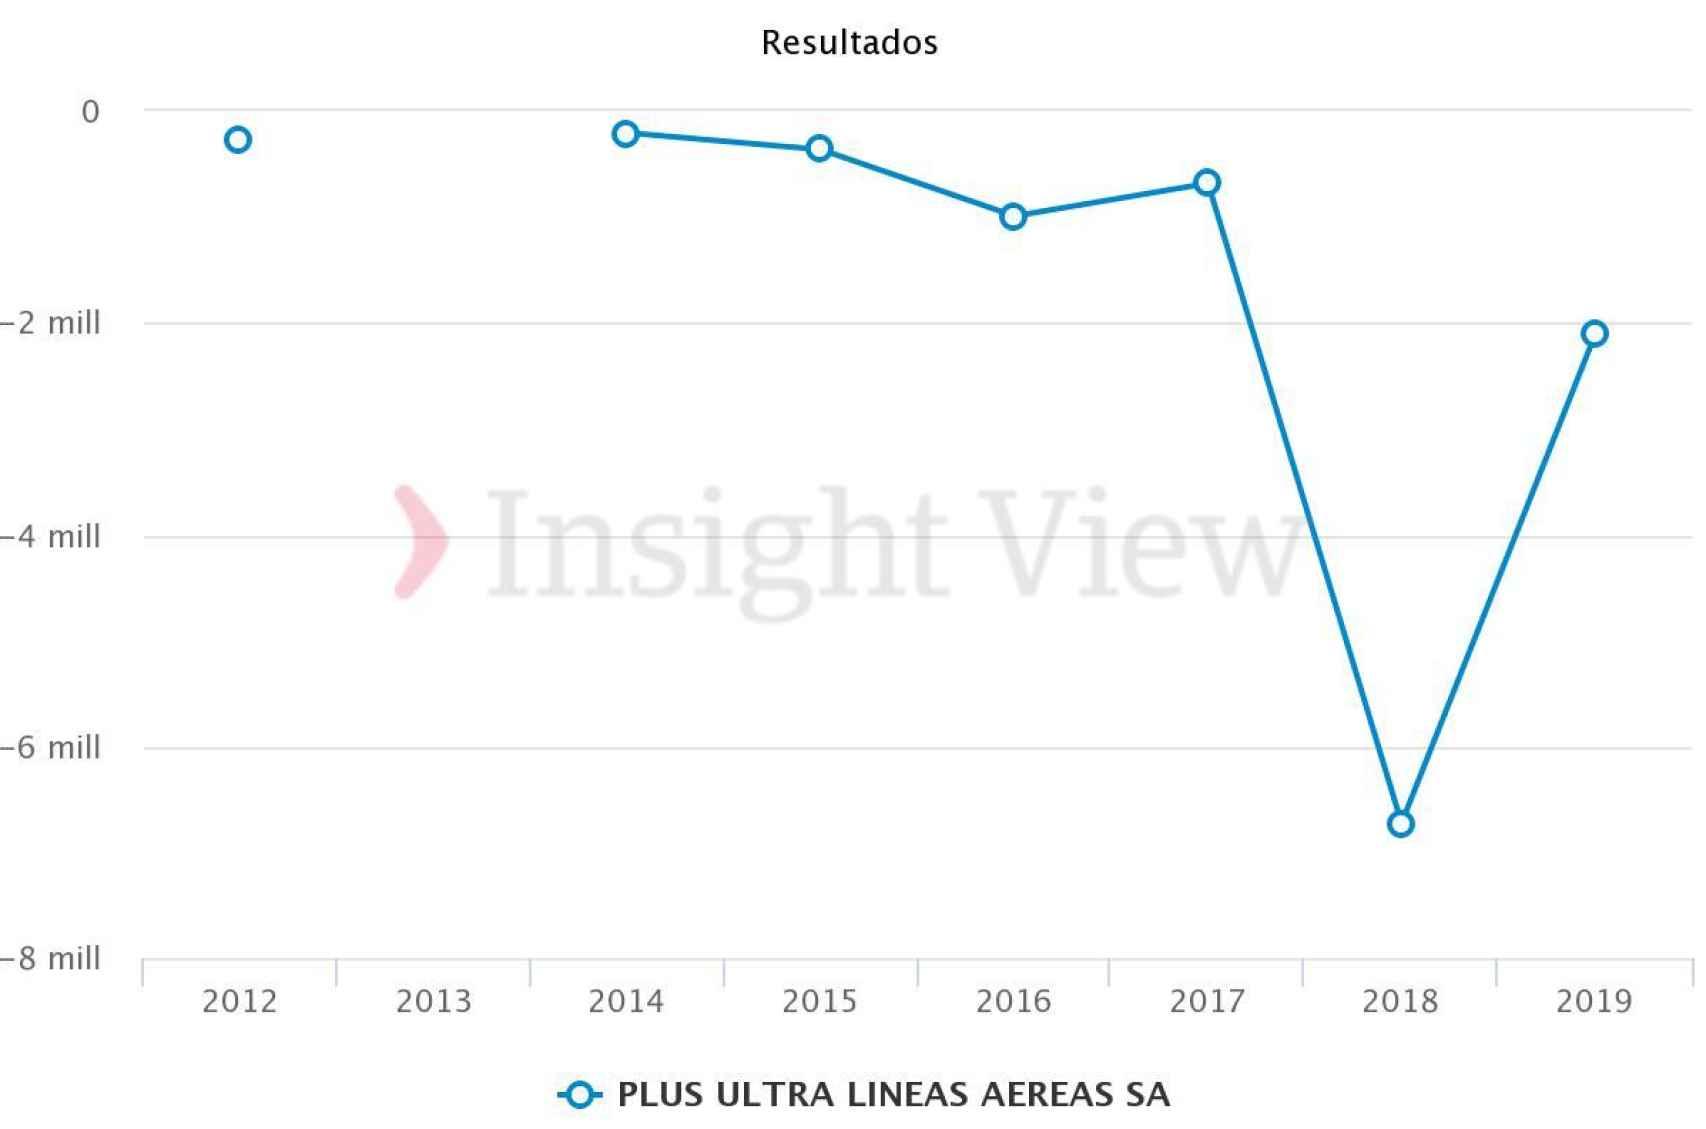 Evolución de las pérdidas de Plus Ultra. Fuente: Insight view.